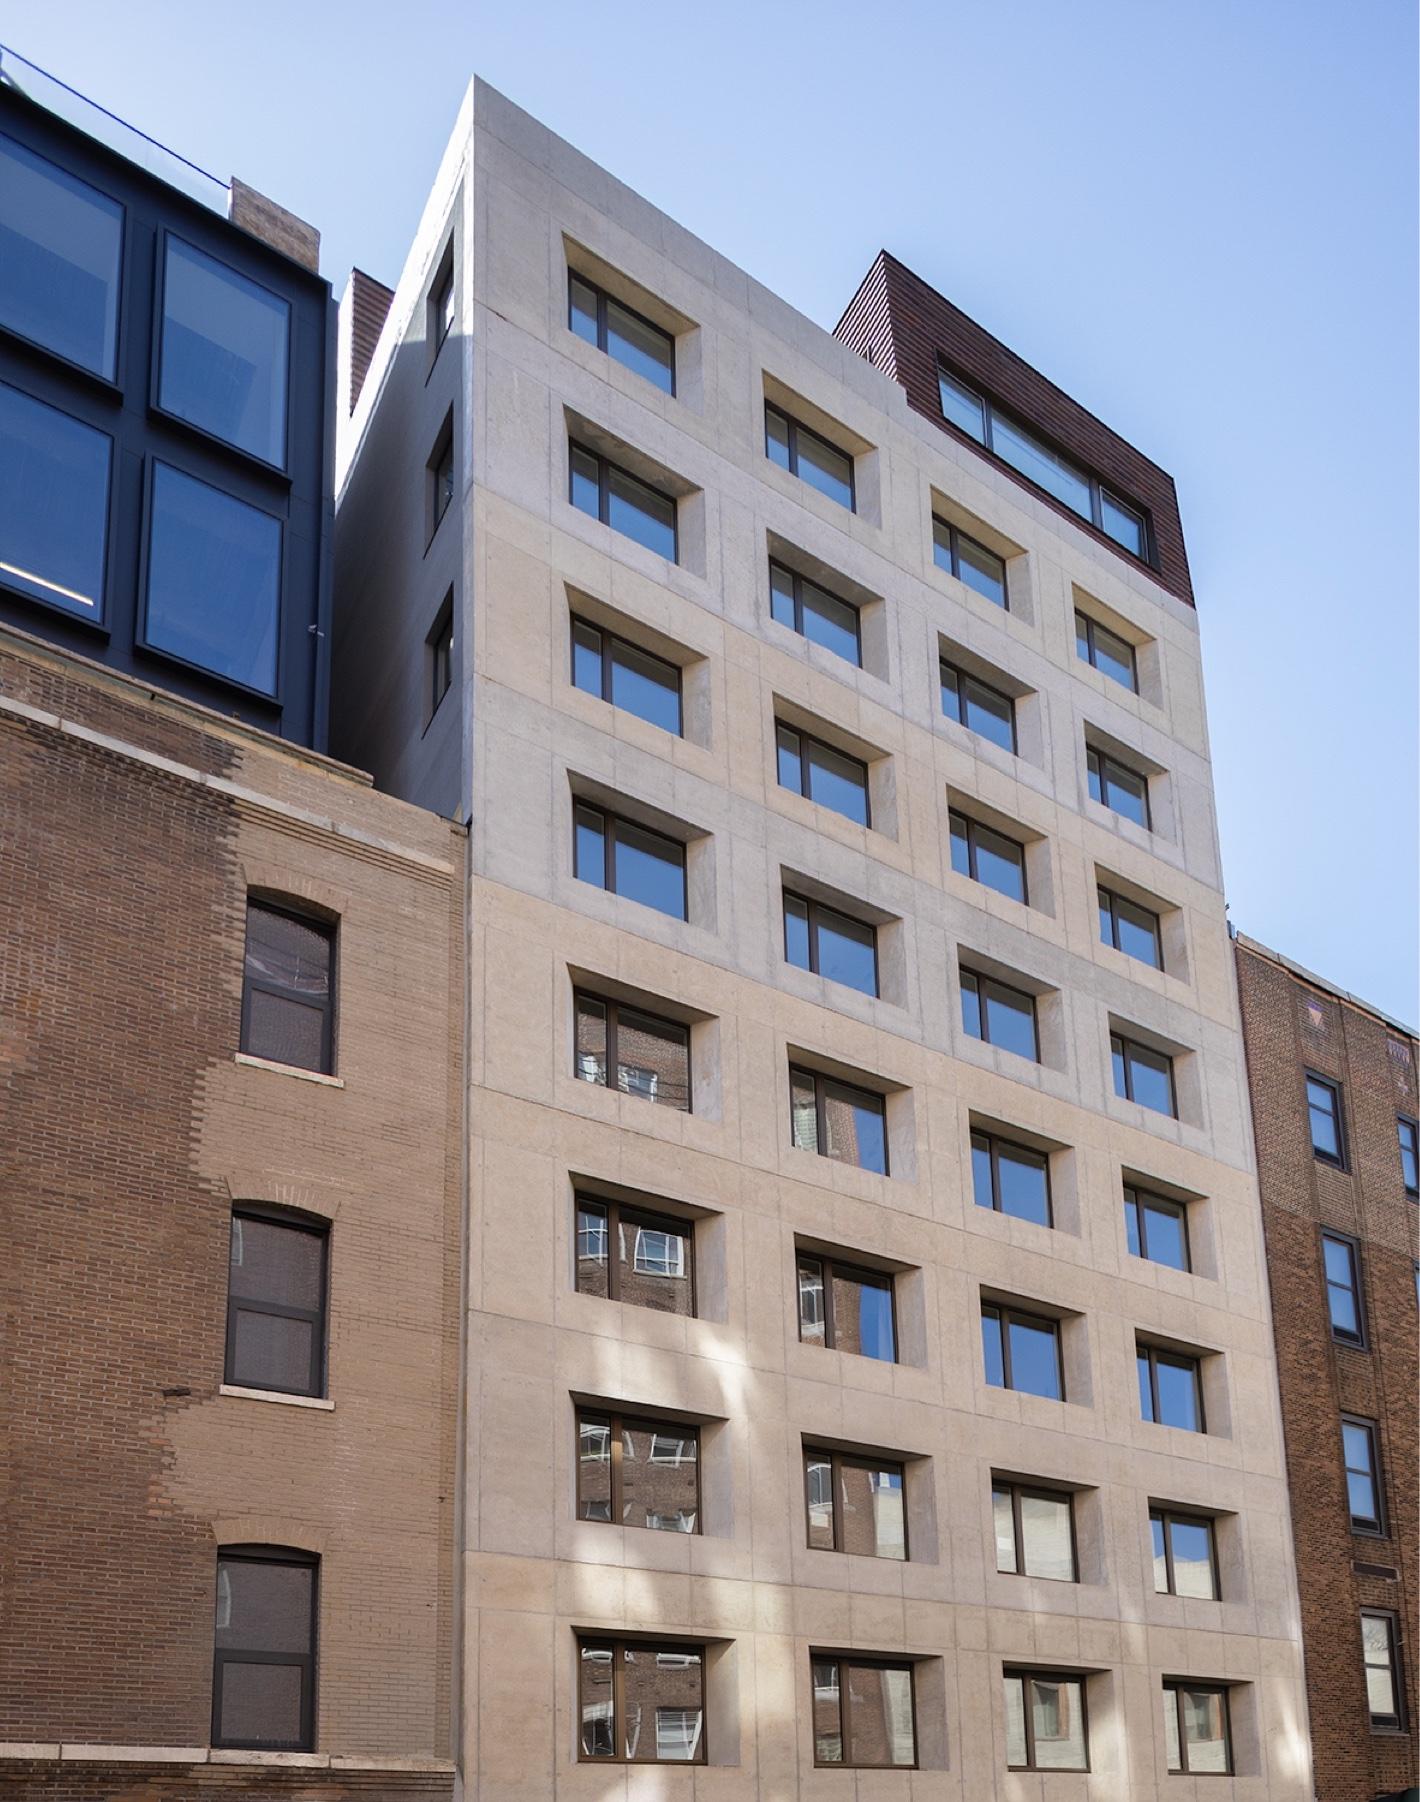 building facade of 532 W 20 condominiums in west chelsea